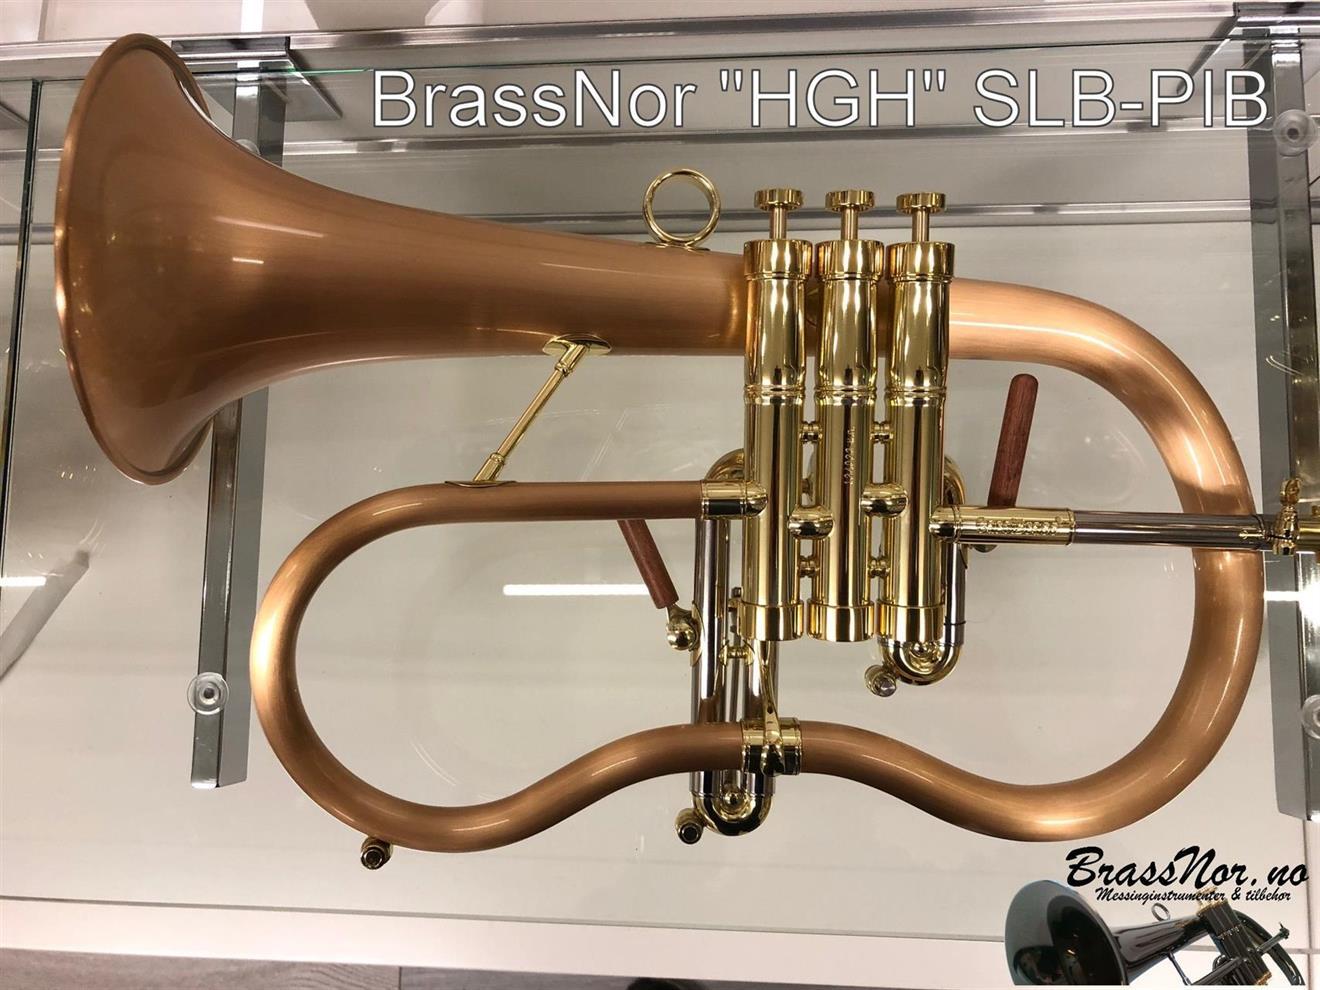 BrassNor HGH flugelhorn SLB-PIB